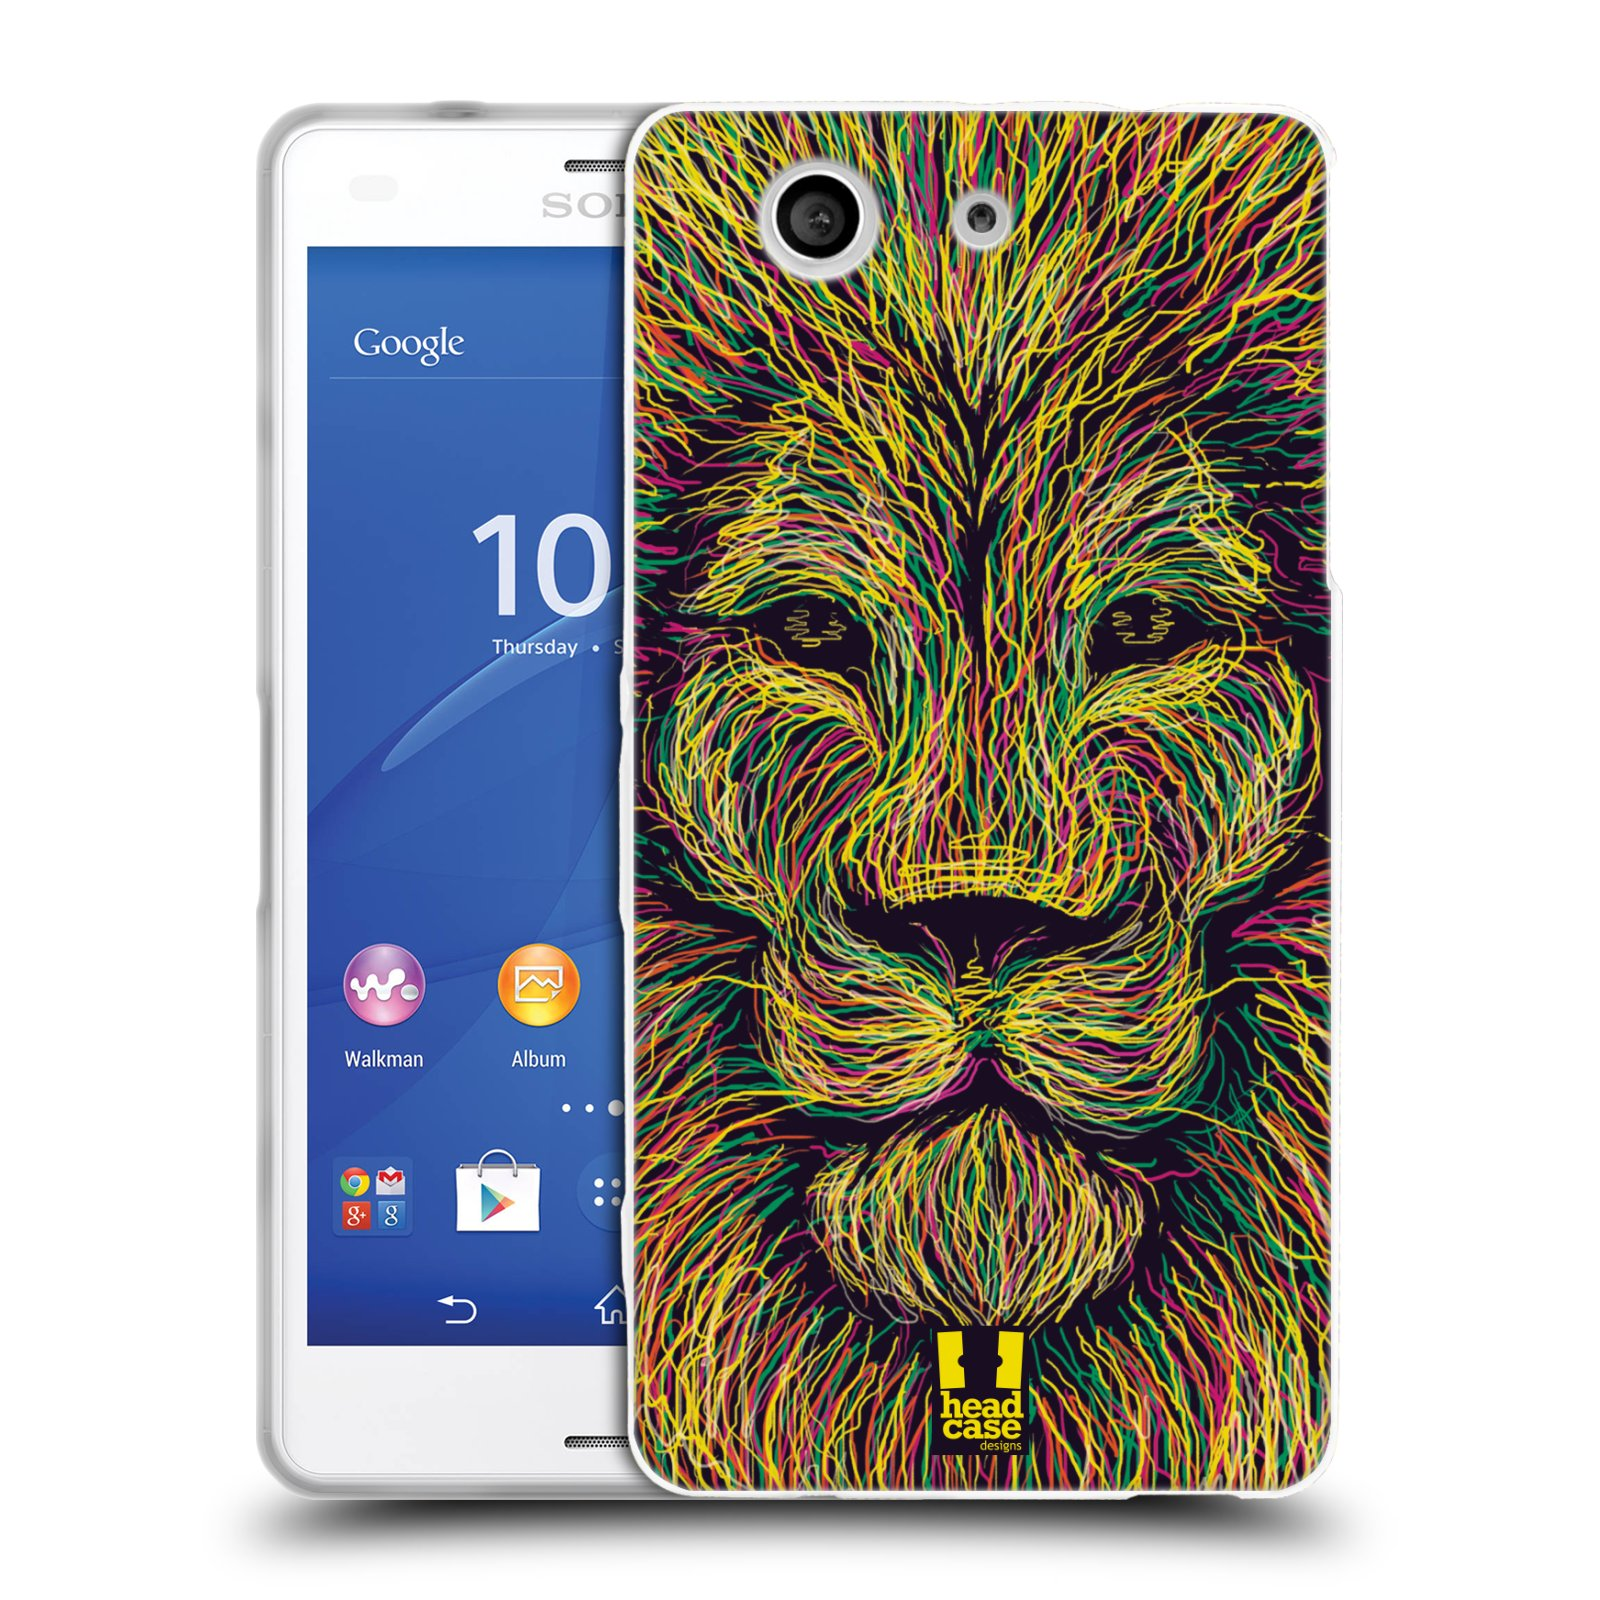 HEAD CASE silikonový obal na mobil Sony Xperia Z3 COMPACT (D5803) vzor zvíře čmáranice lev